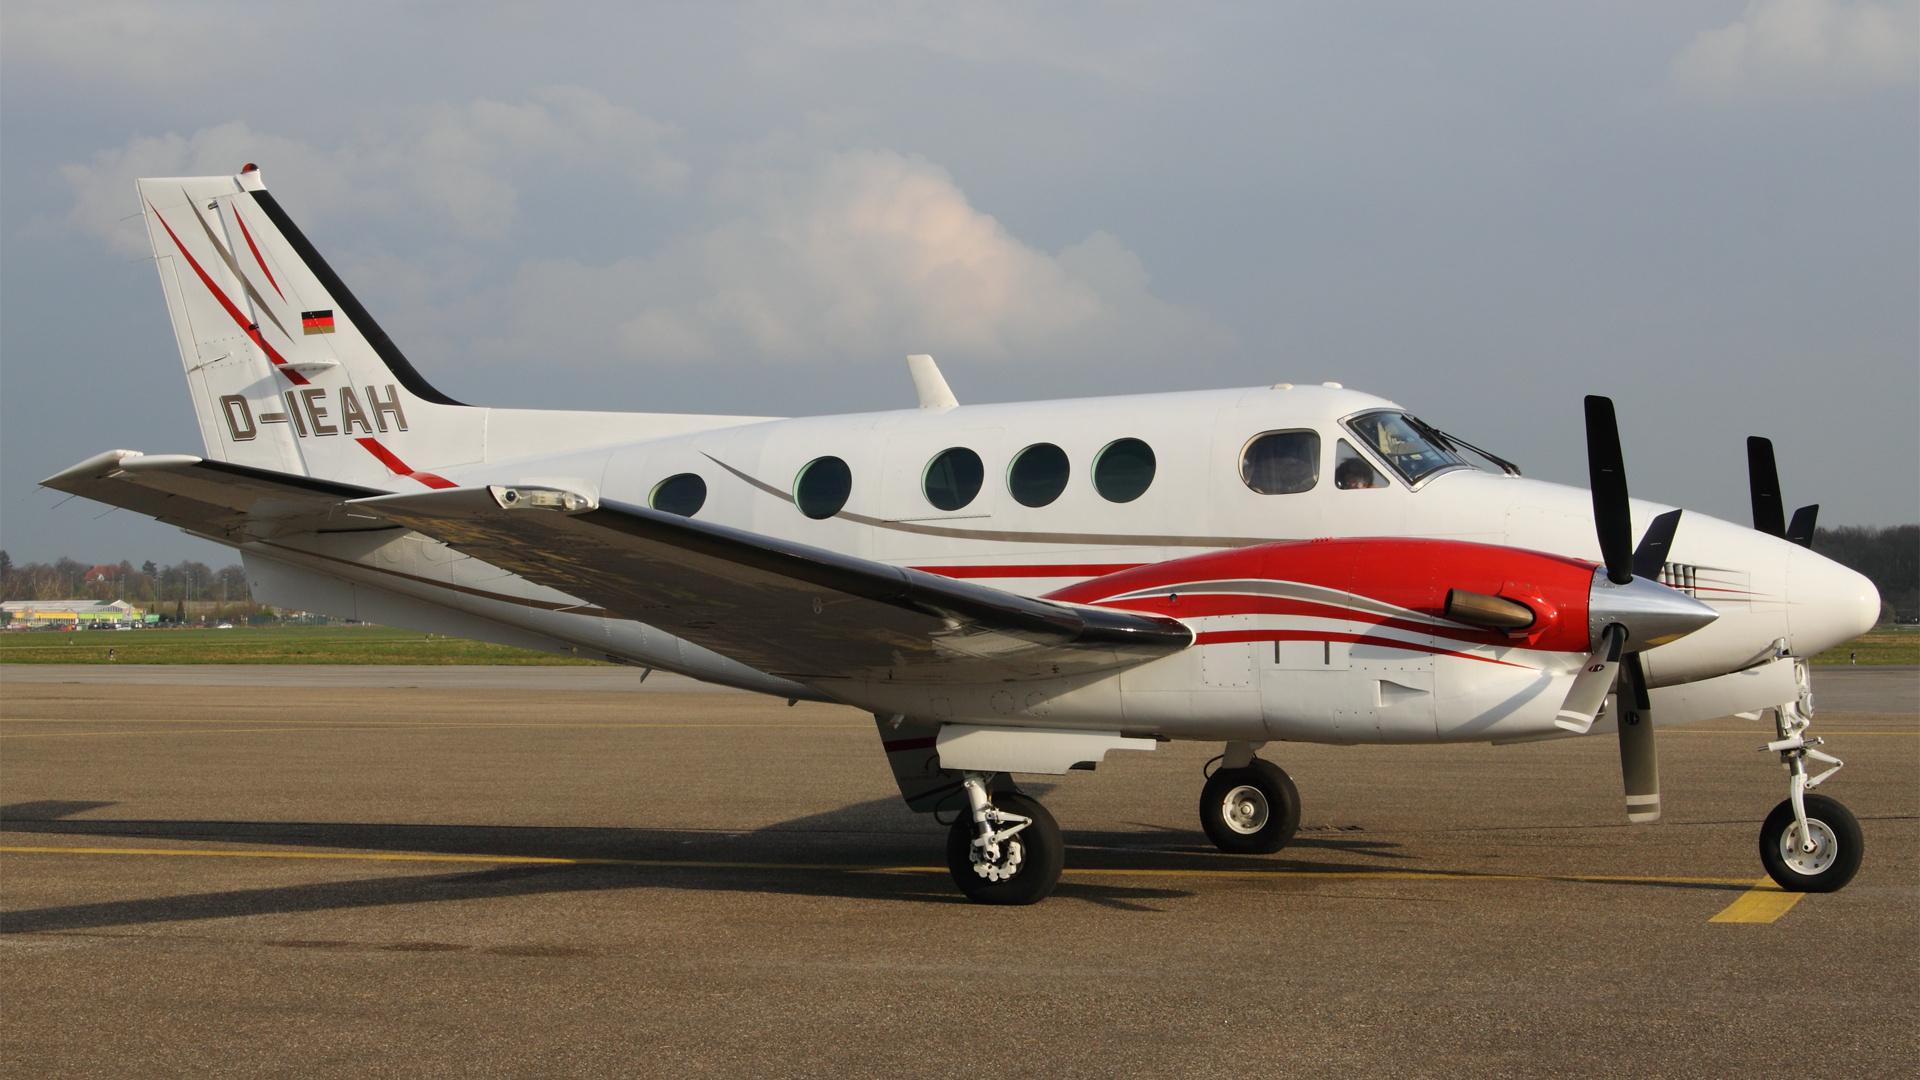 D-IEAH-1 BEACH90 ESS 201103